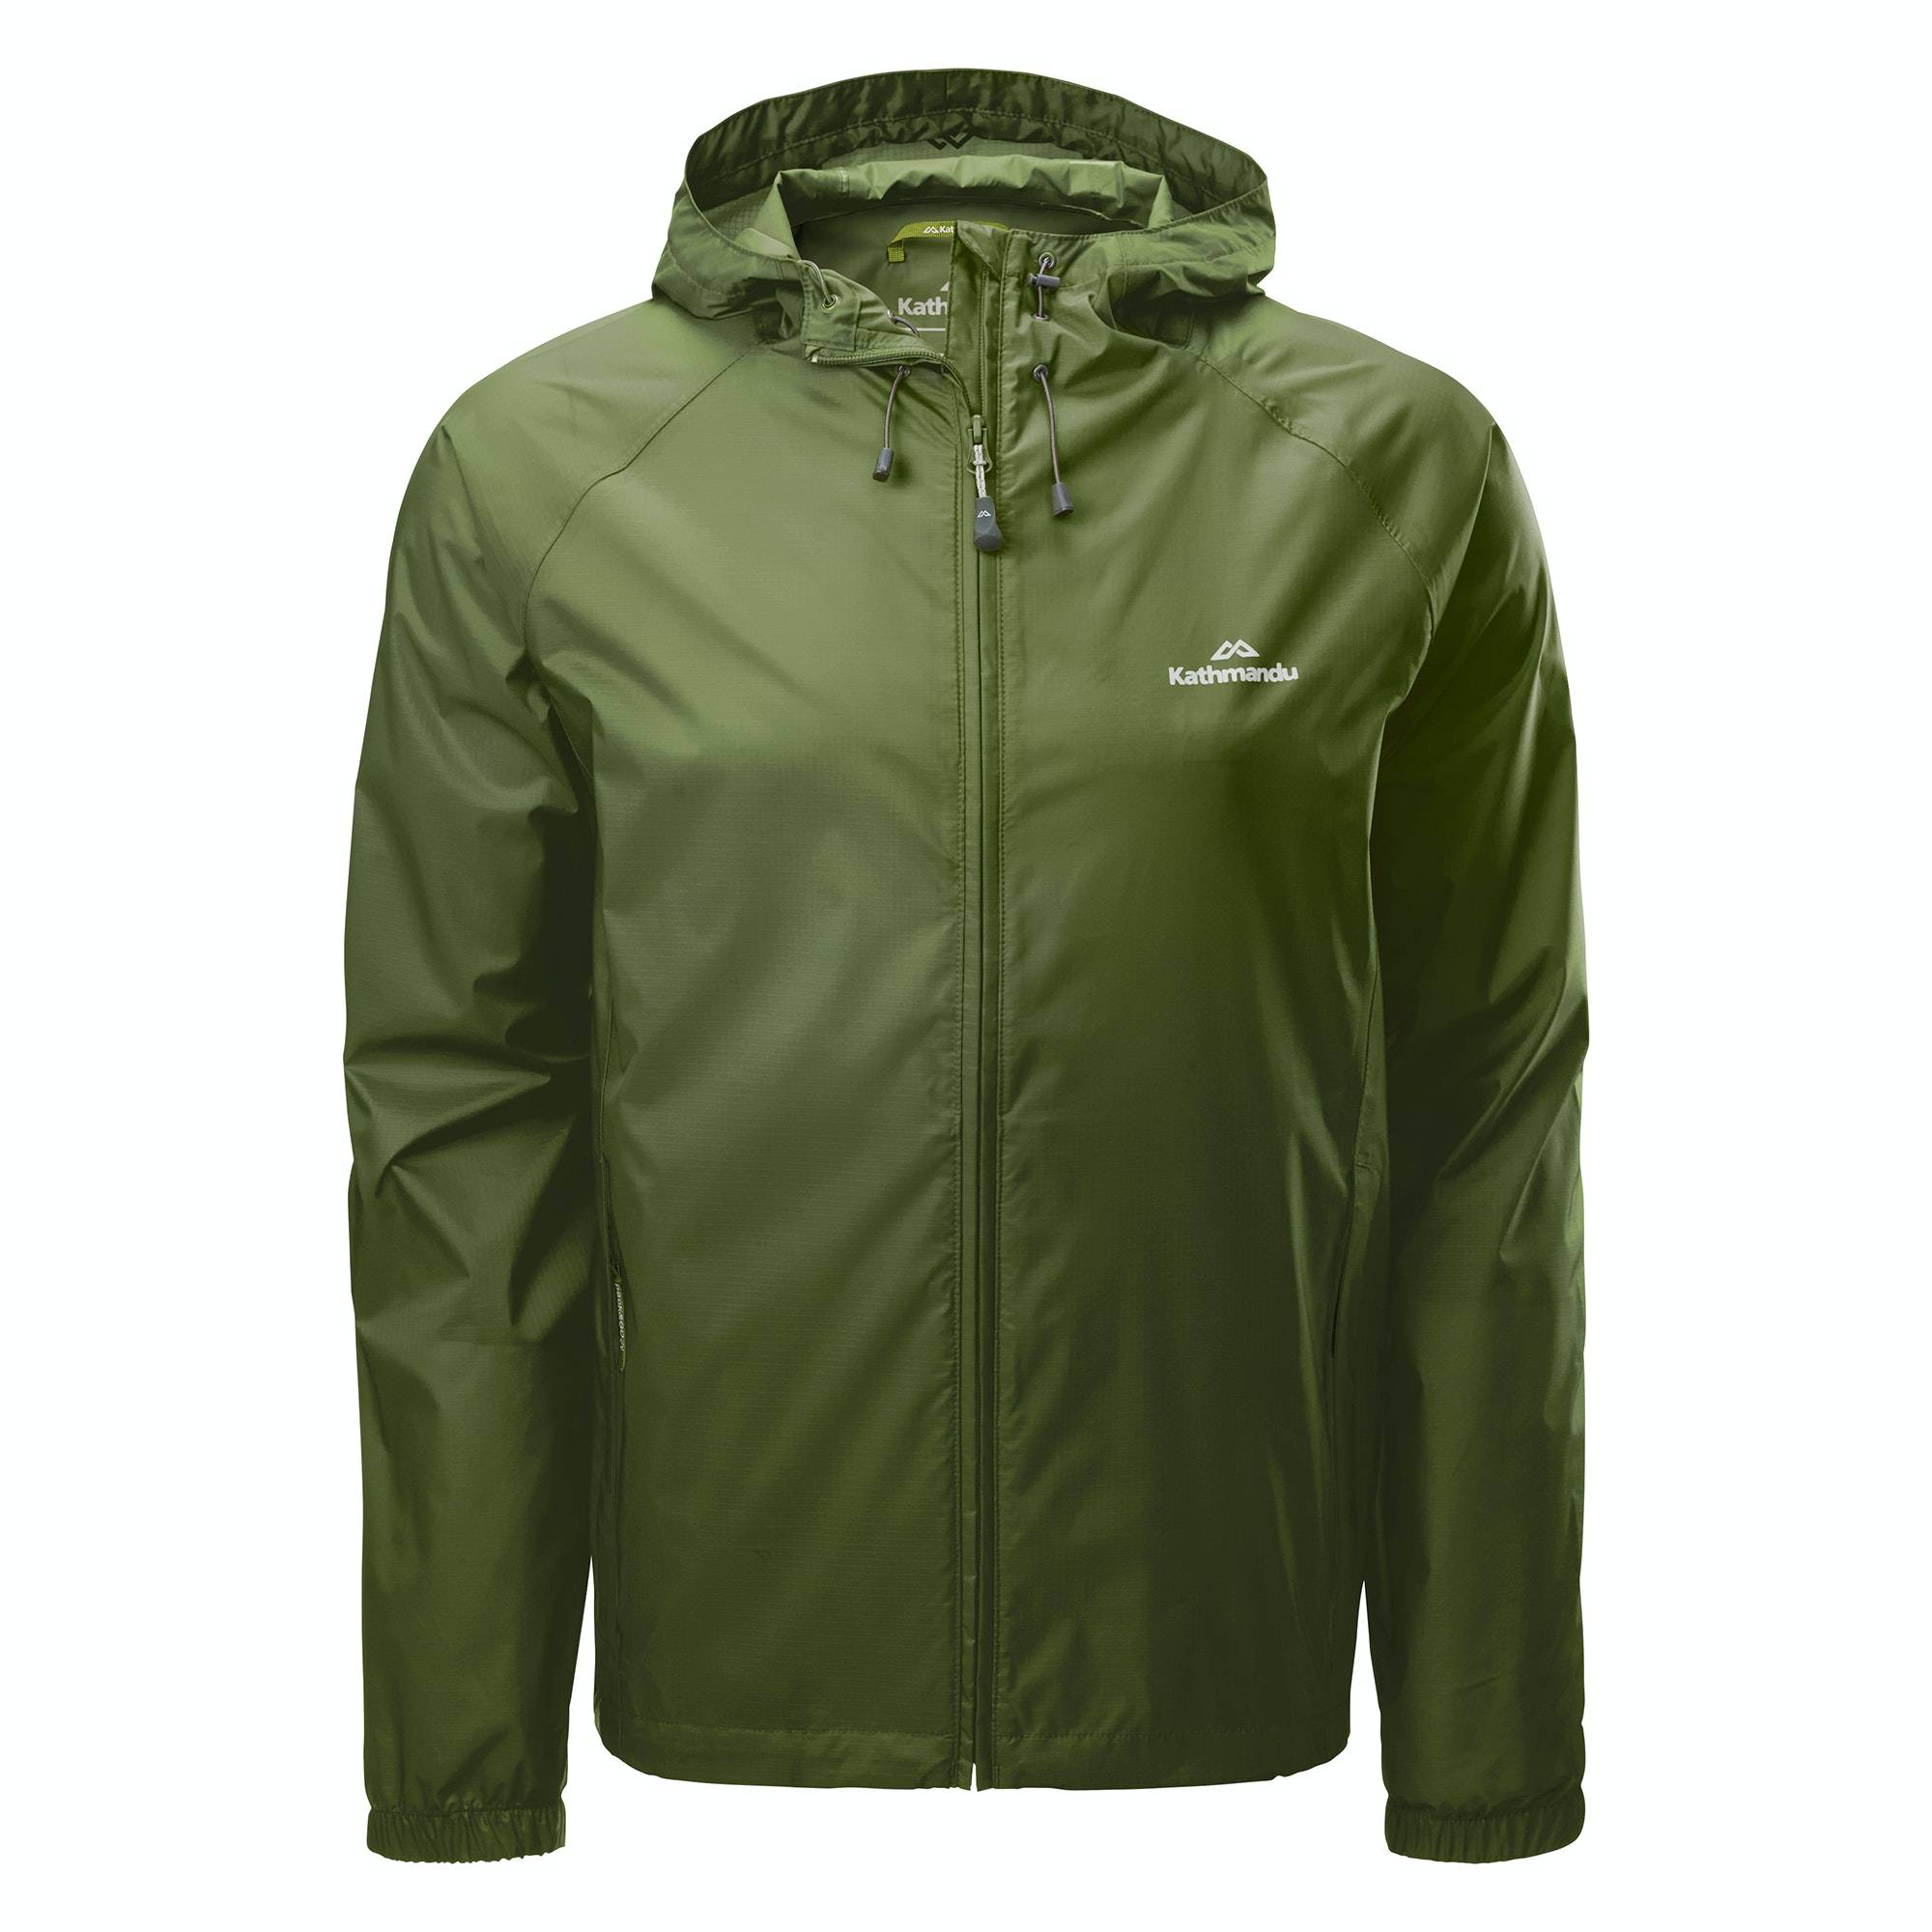 Kathmandu Pocket-it Men's Rain Jacket  - Moss - Size: 2X-Large